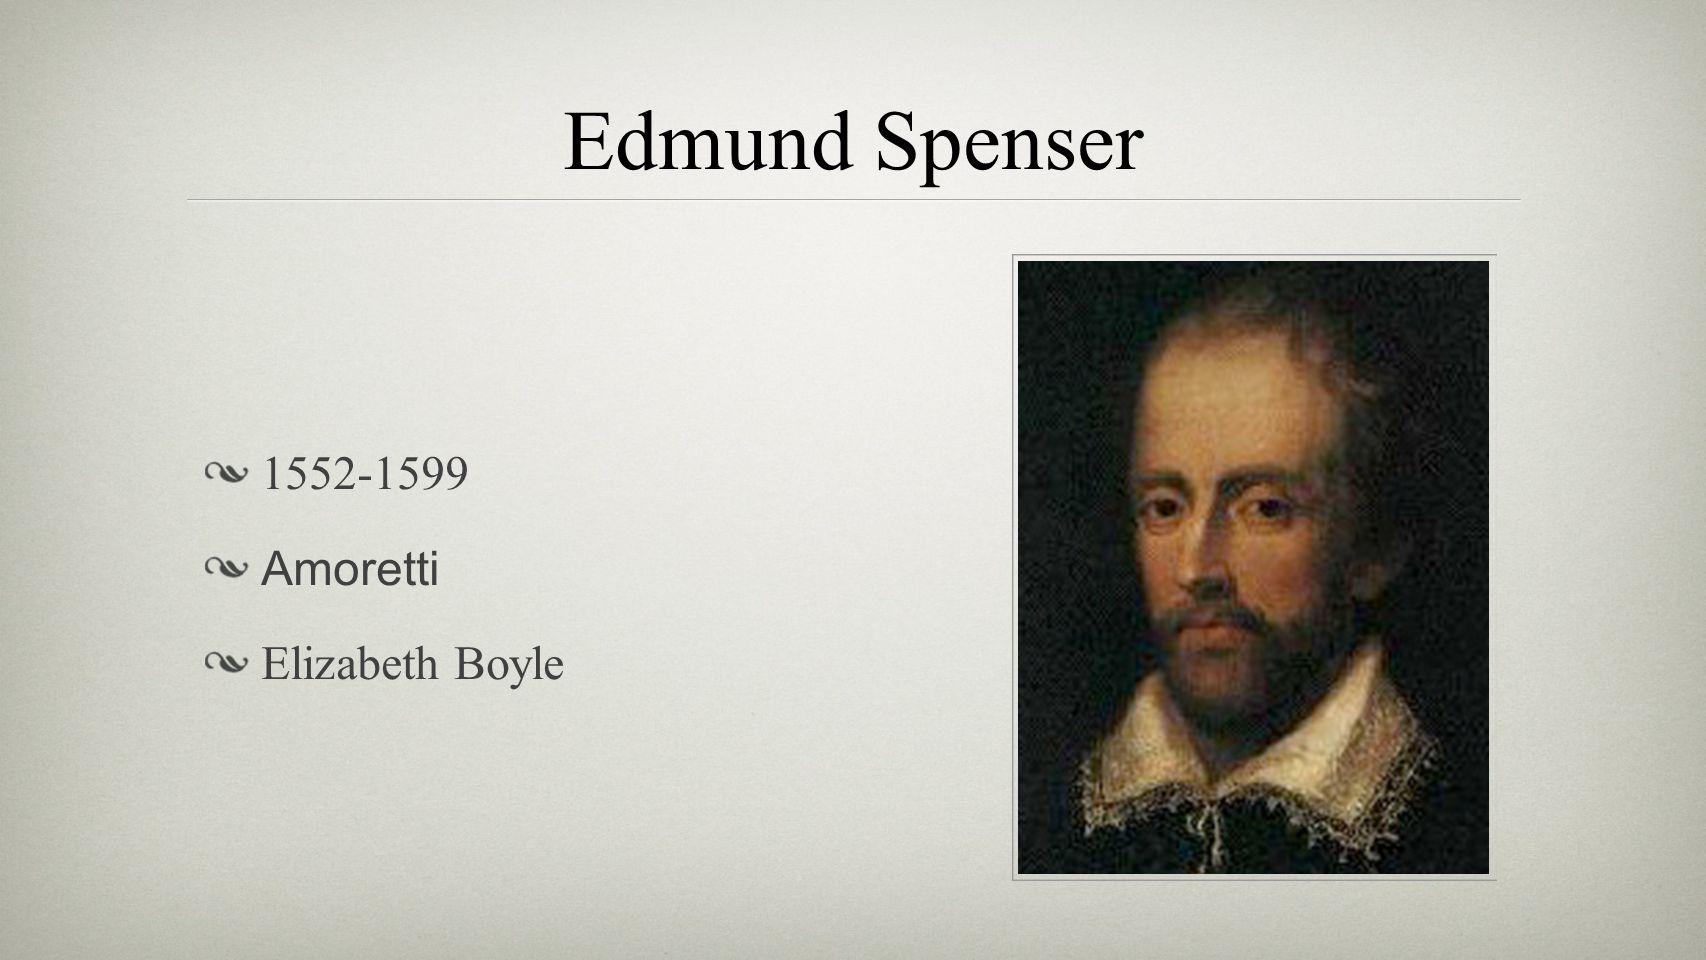 Edmund Spenser 1552-1599 Amoretti Elizabeth Boyle